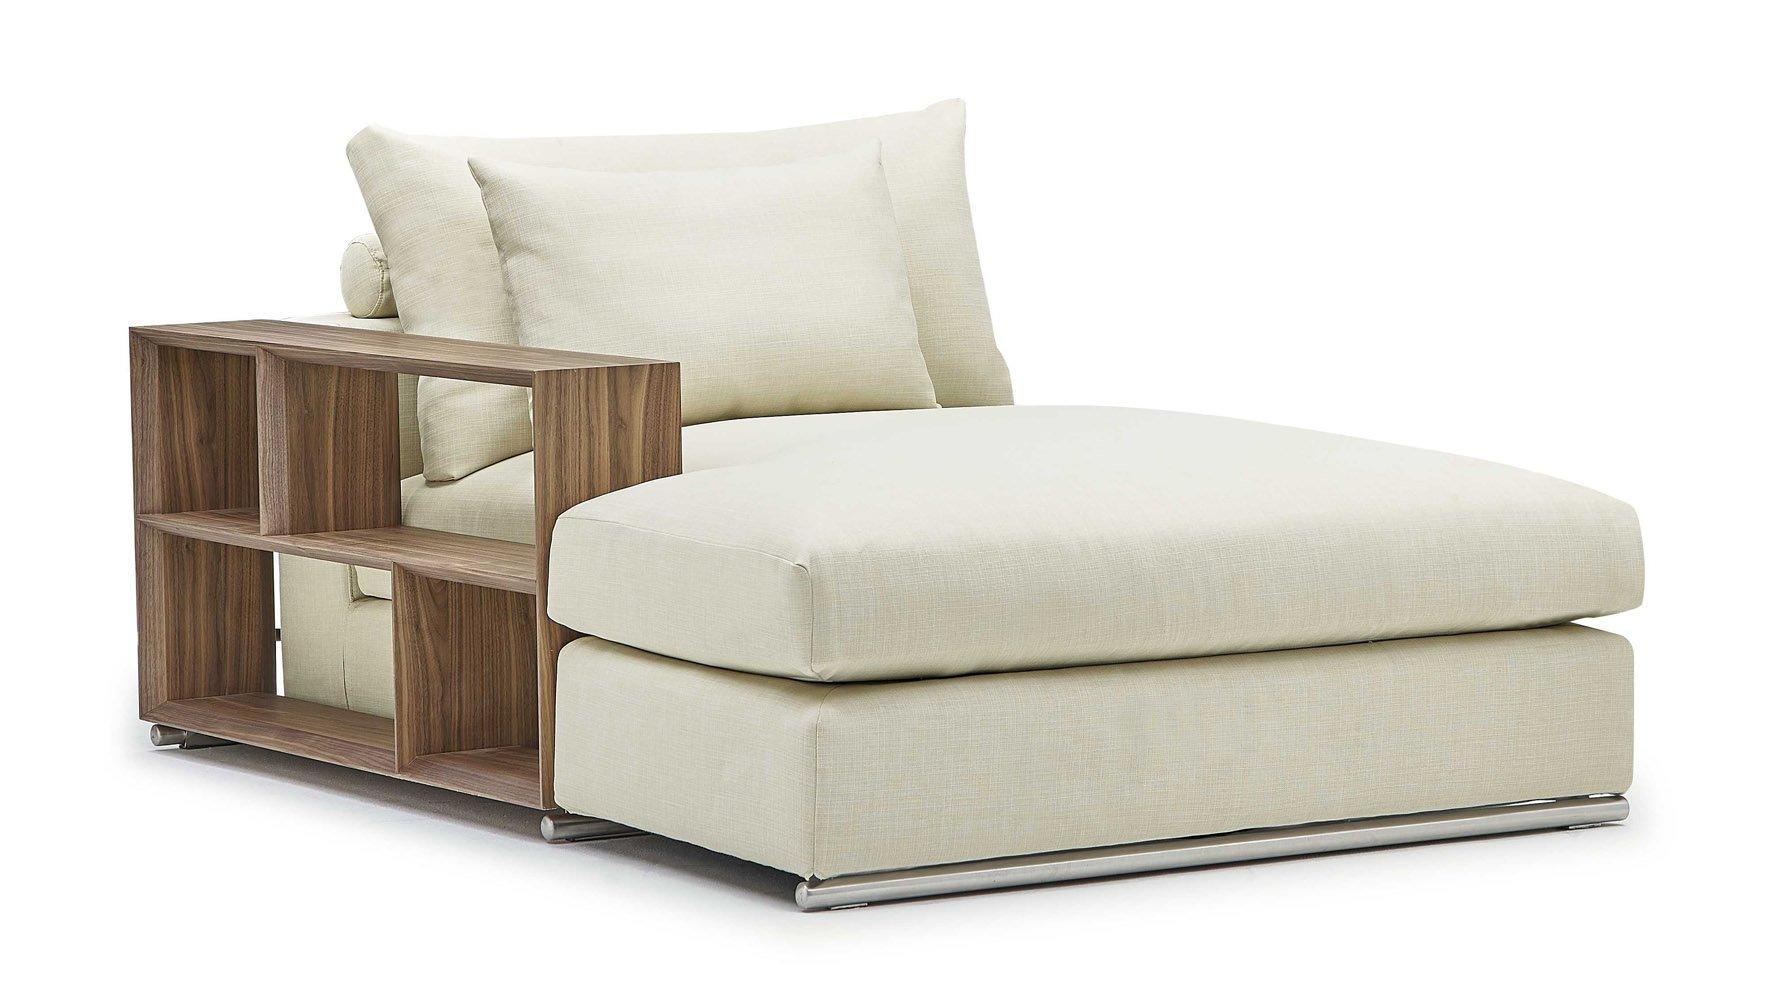 Soriano Chaise With Wooden Arm In Beige Linen Zuri Furniture